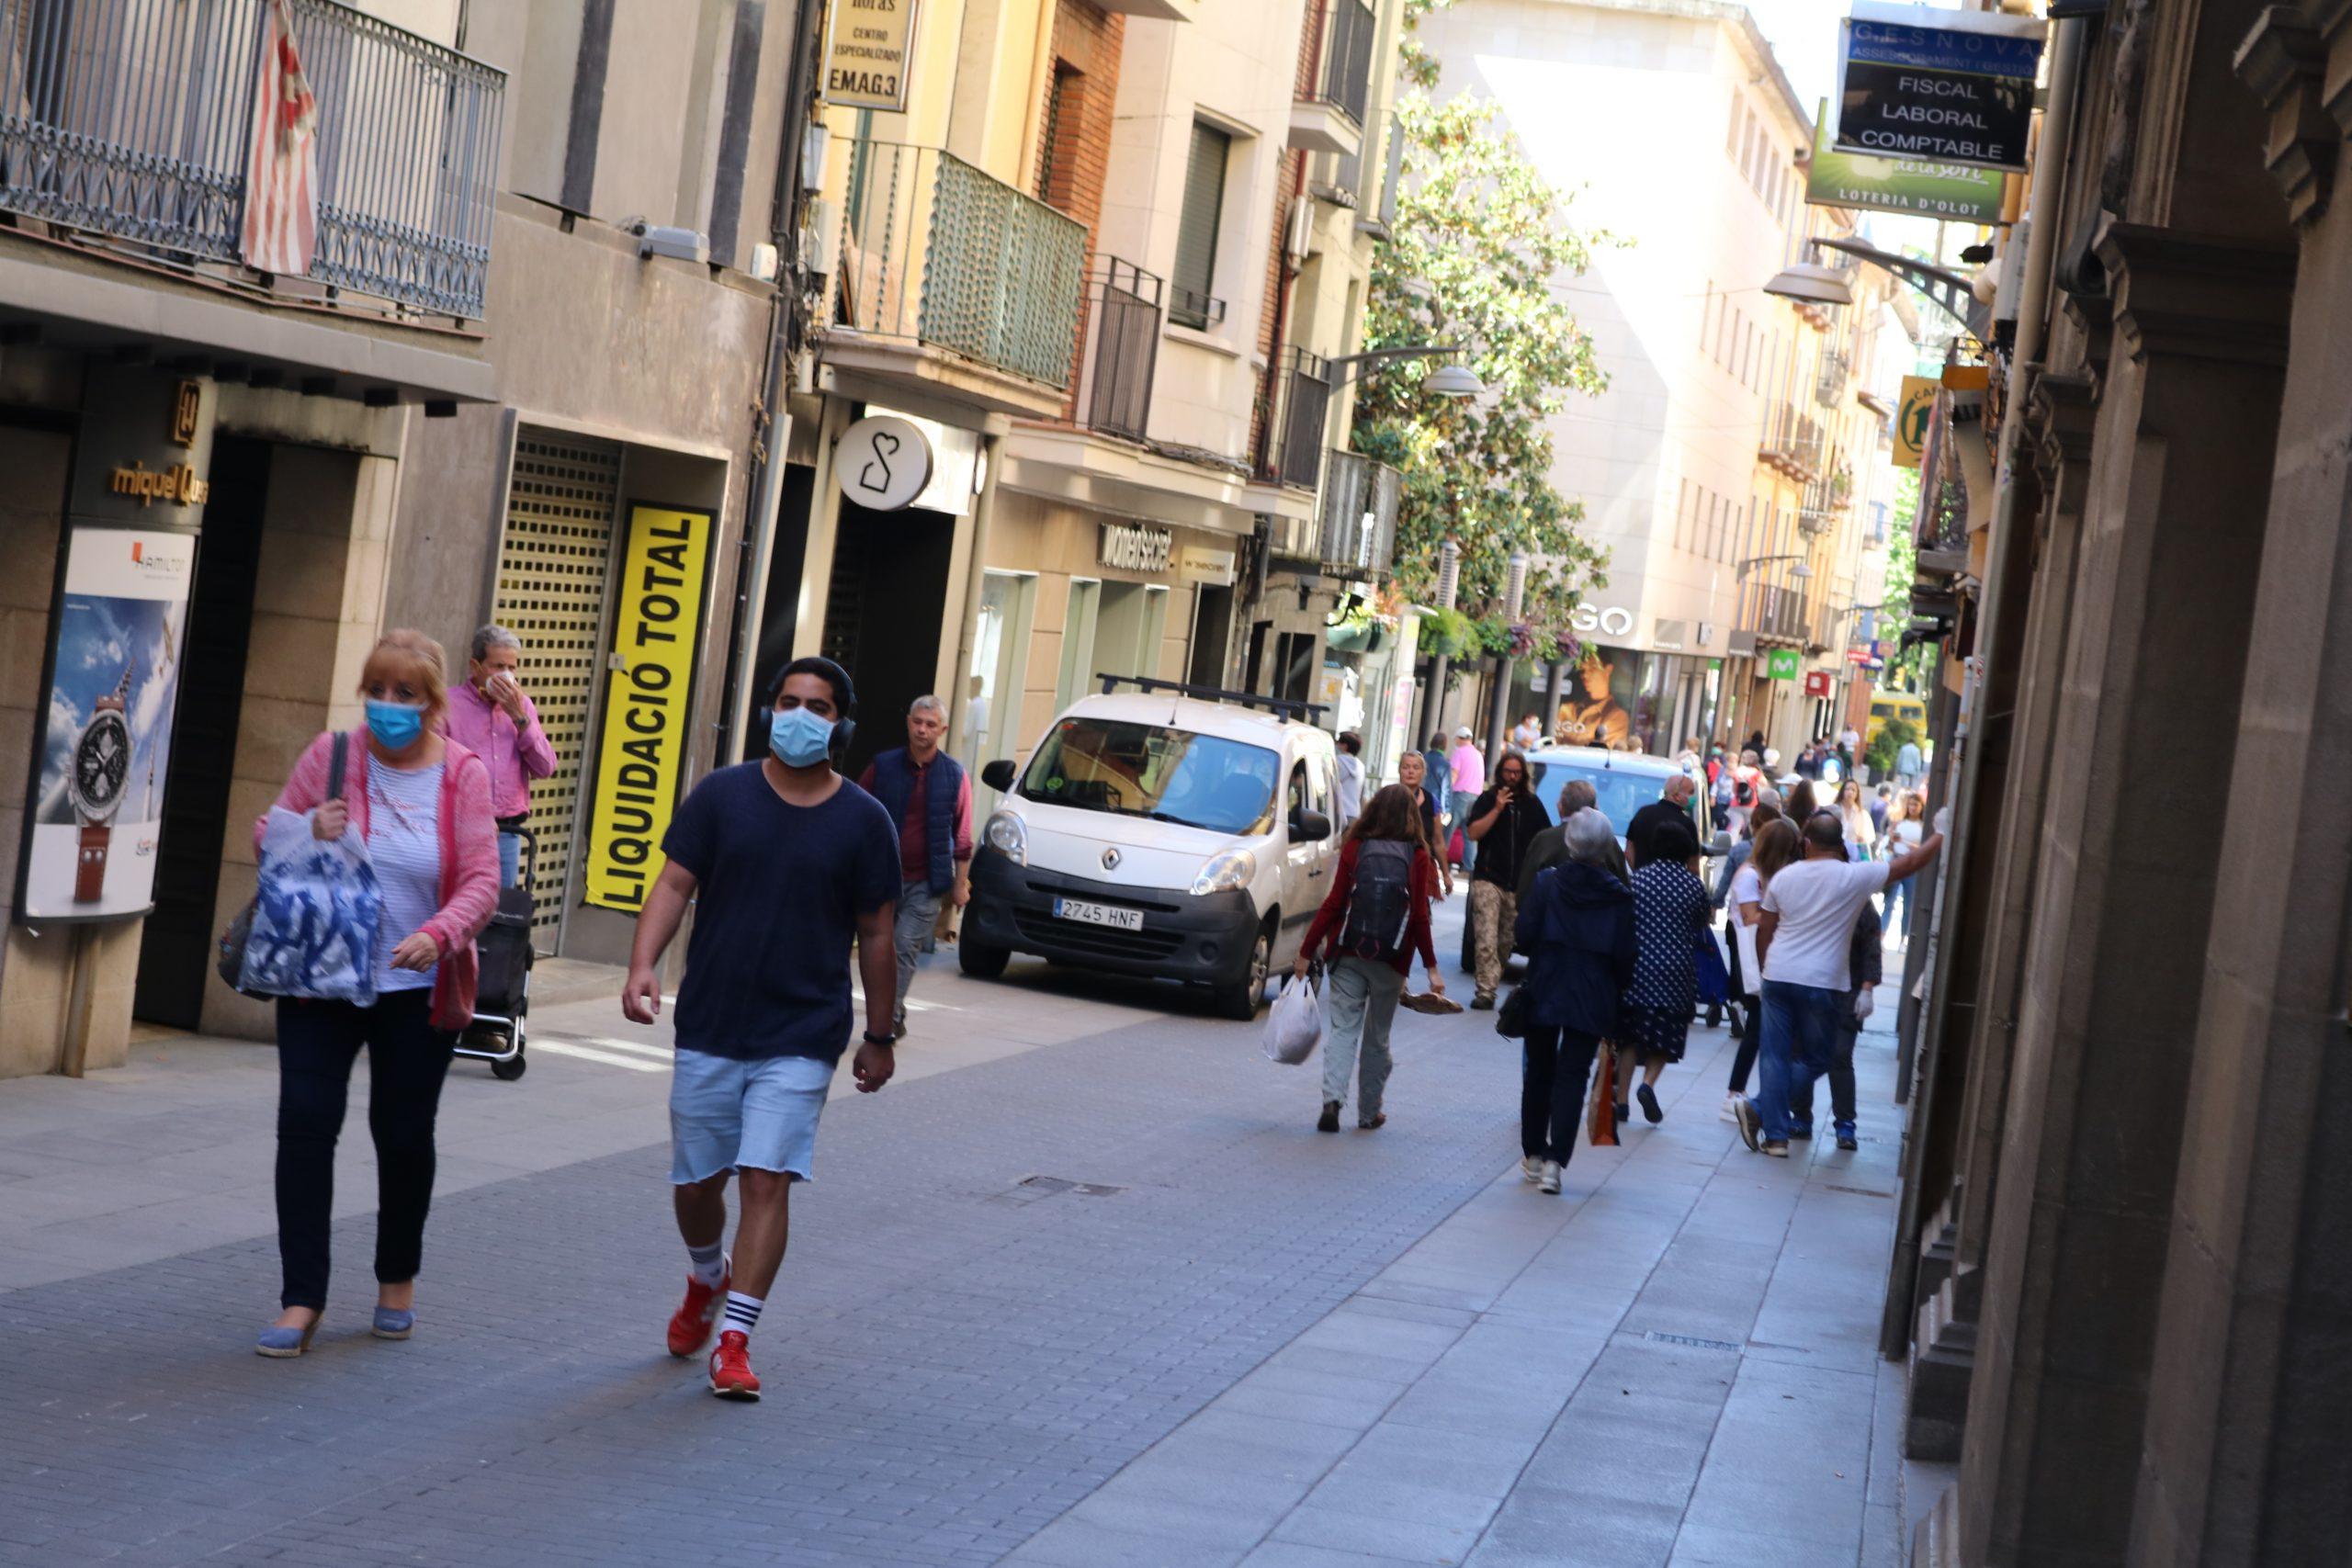 La pandèmia continua disparada a la Garrotxa, sobretot entre la població més jove